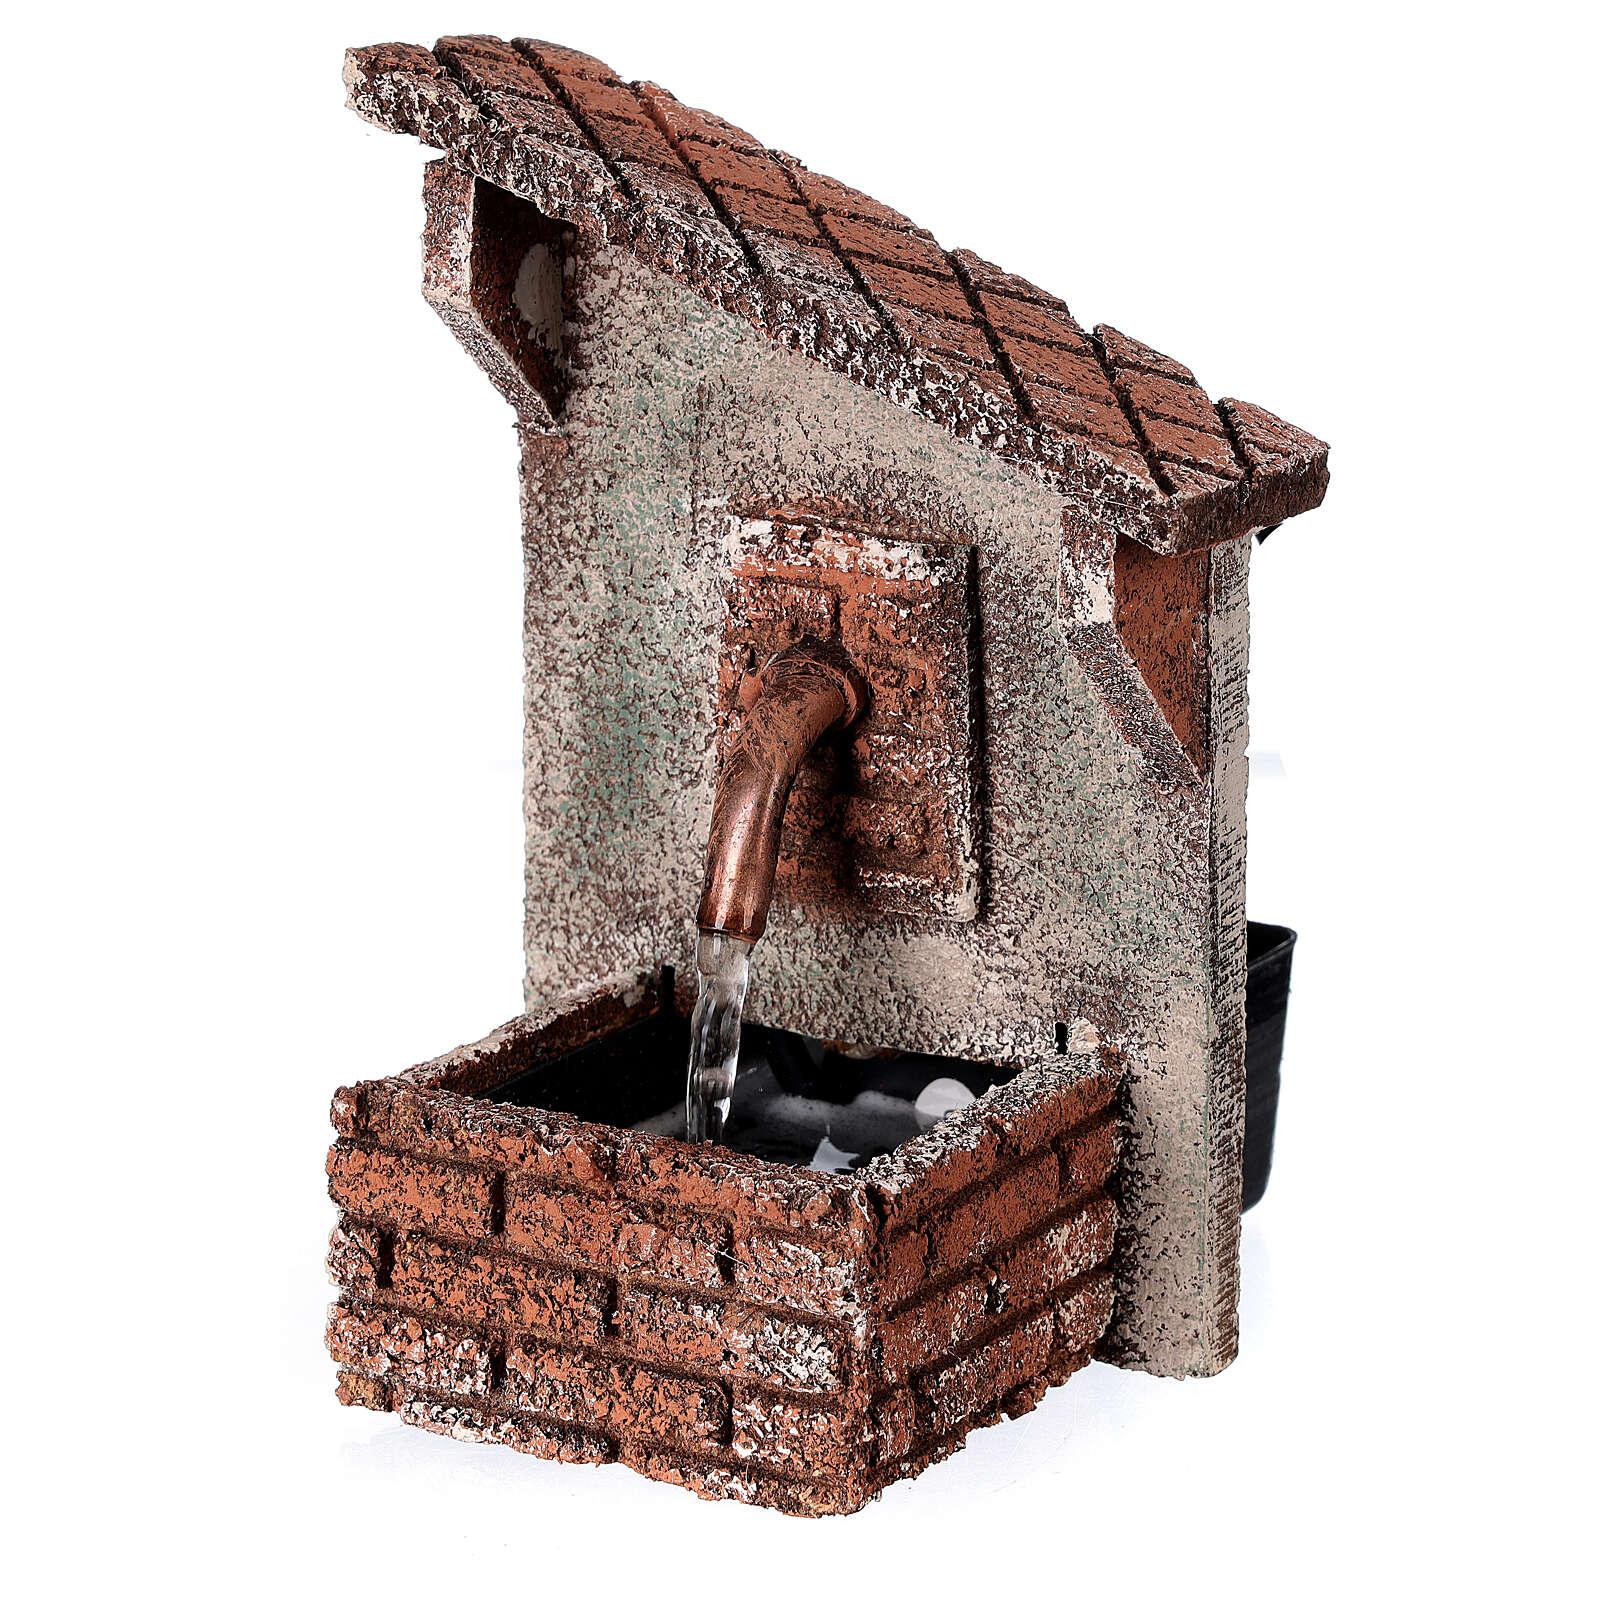 Fontanella presepe tetto obliquo presepe napoletano 15x10x10 cm per 8-10 cm 4